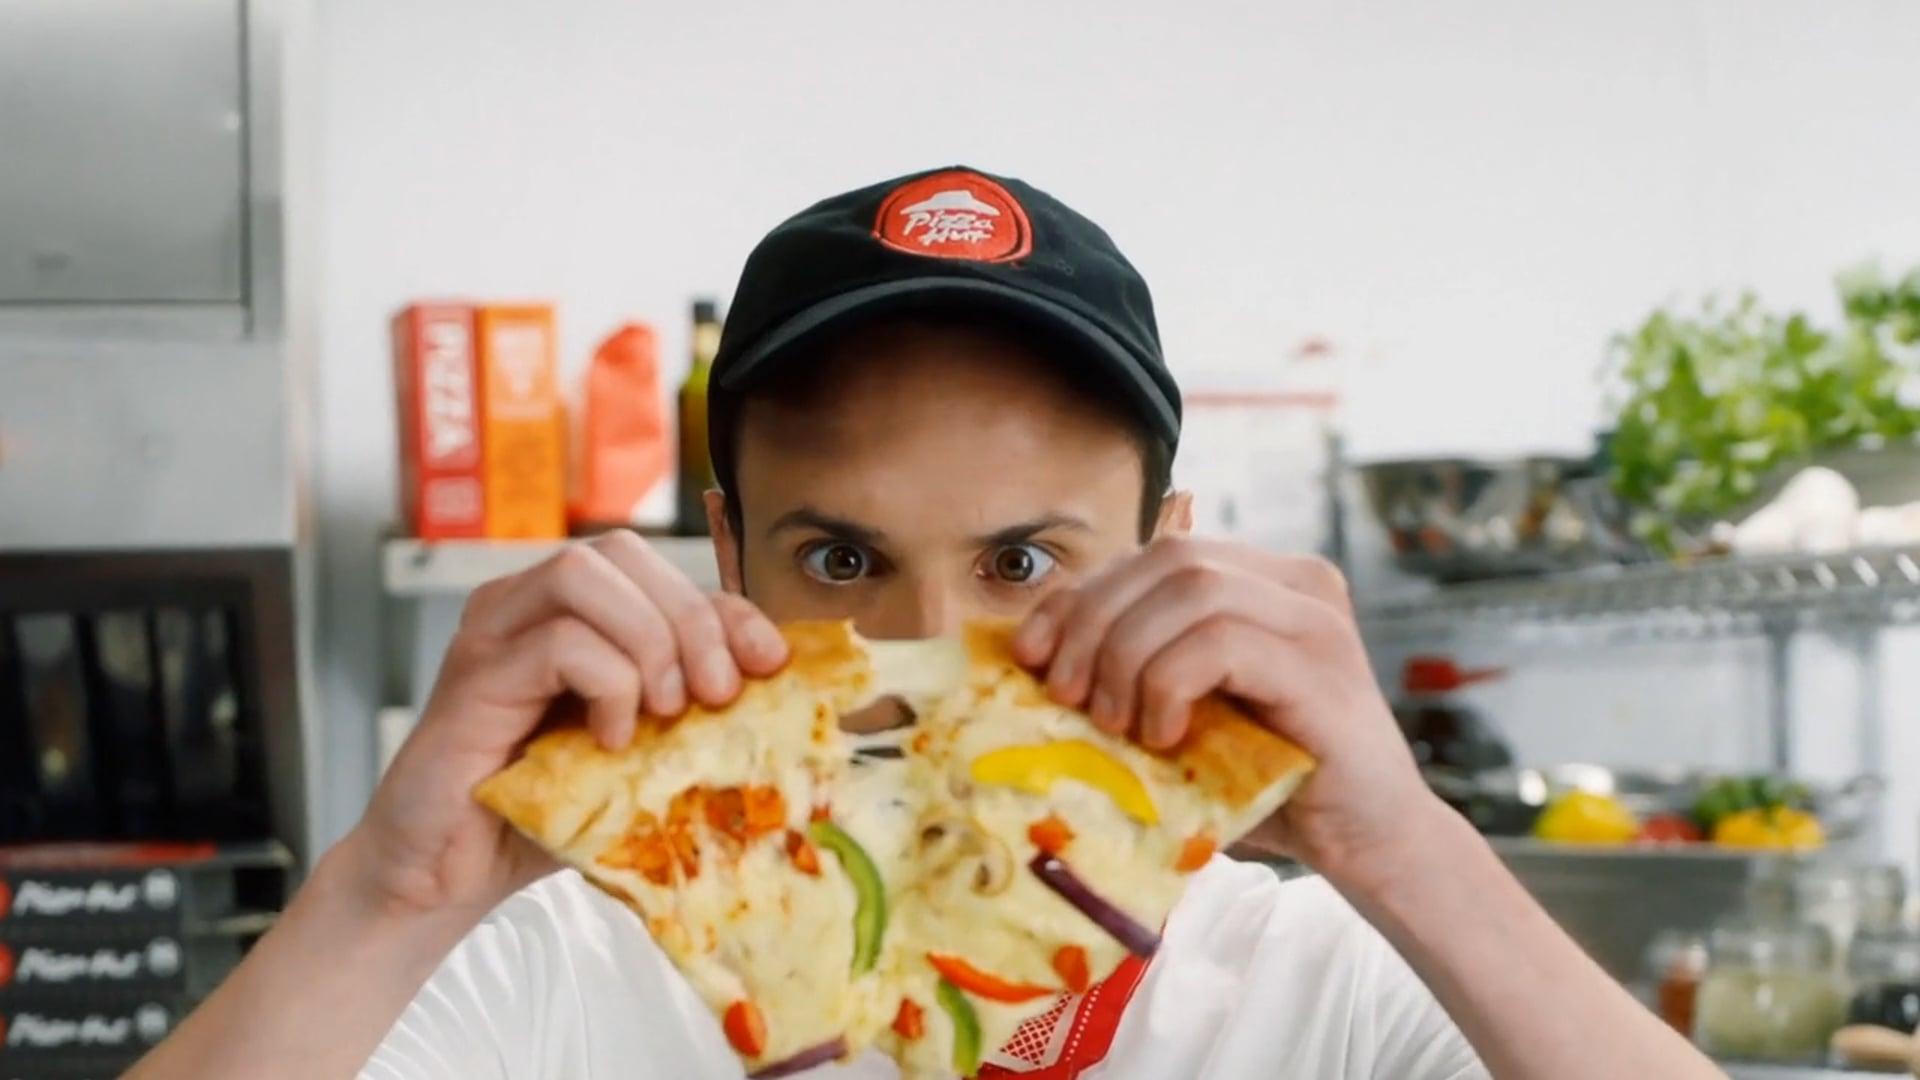 Tanya Sadourian - Pizza Hut - Stuffed Crust